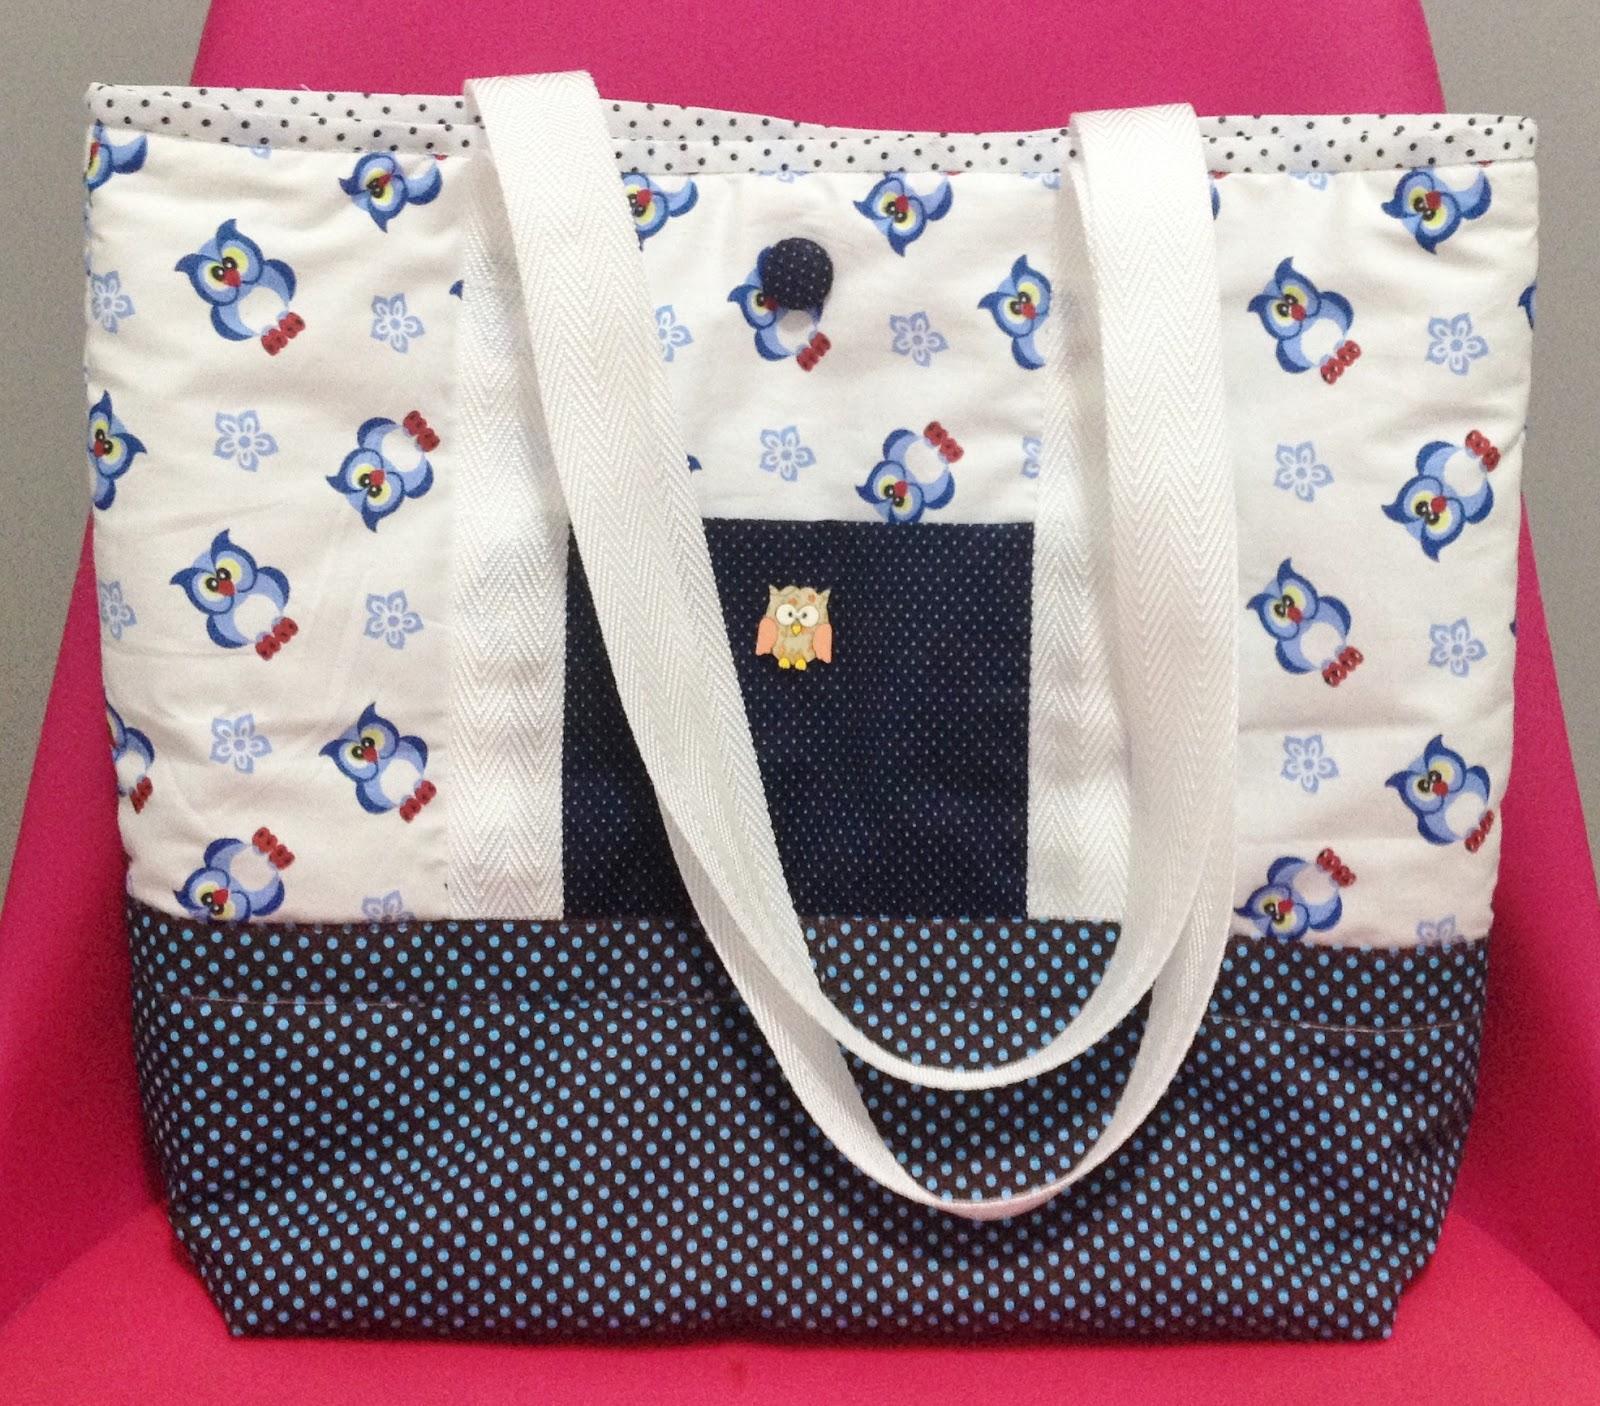 Bolsa De Tecido Passo A Passo Como Fazer : Vivartesanato artesanato em tecido reciclando design e